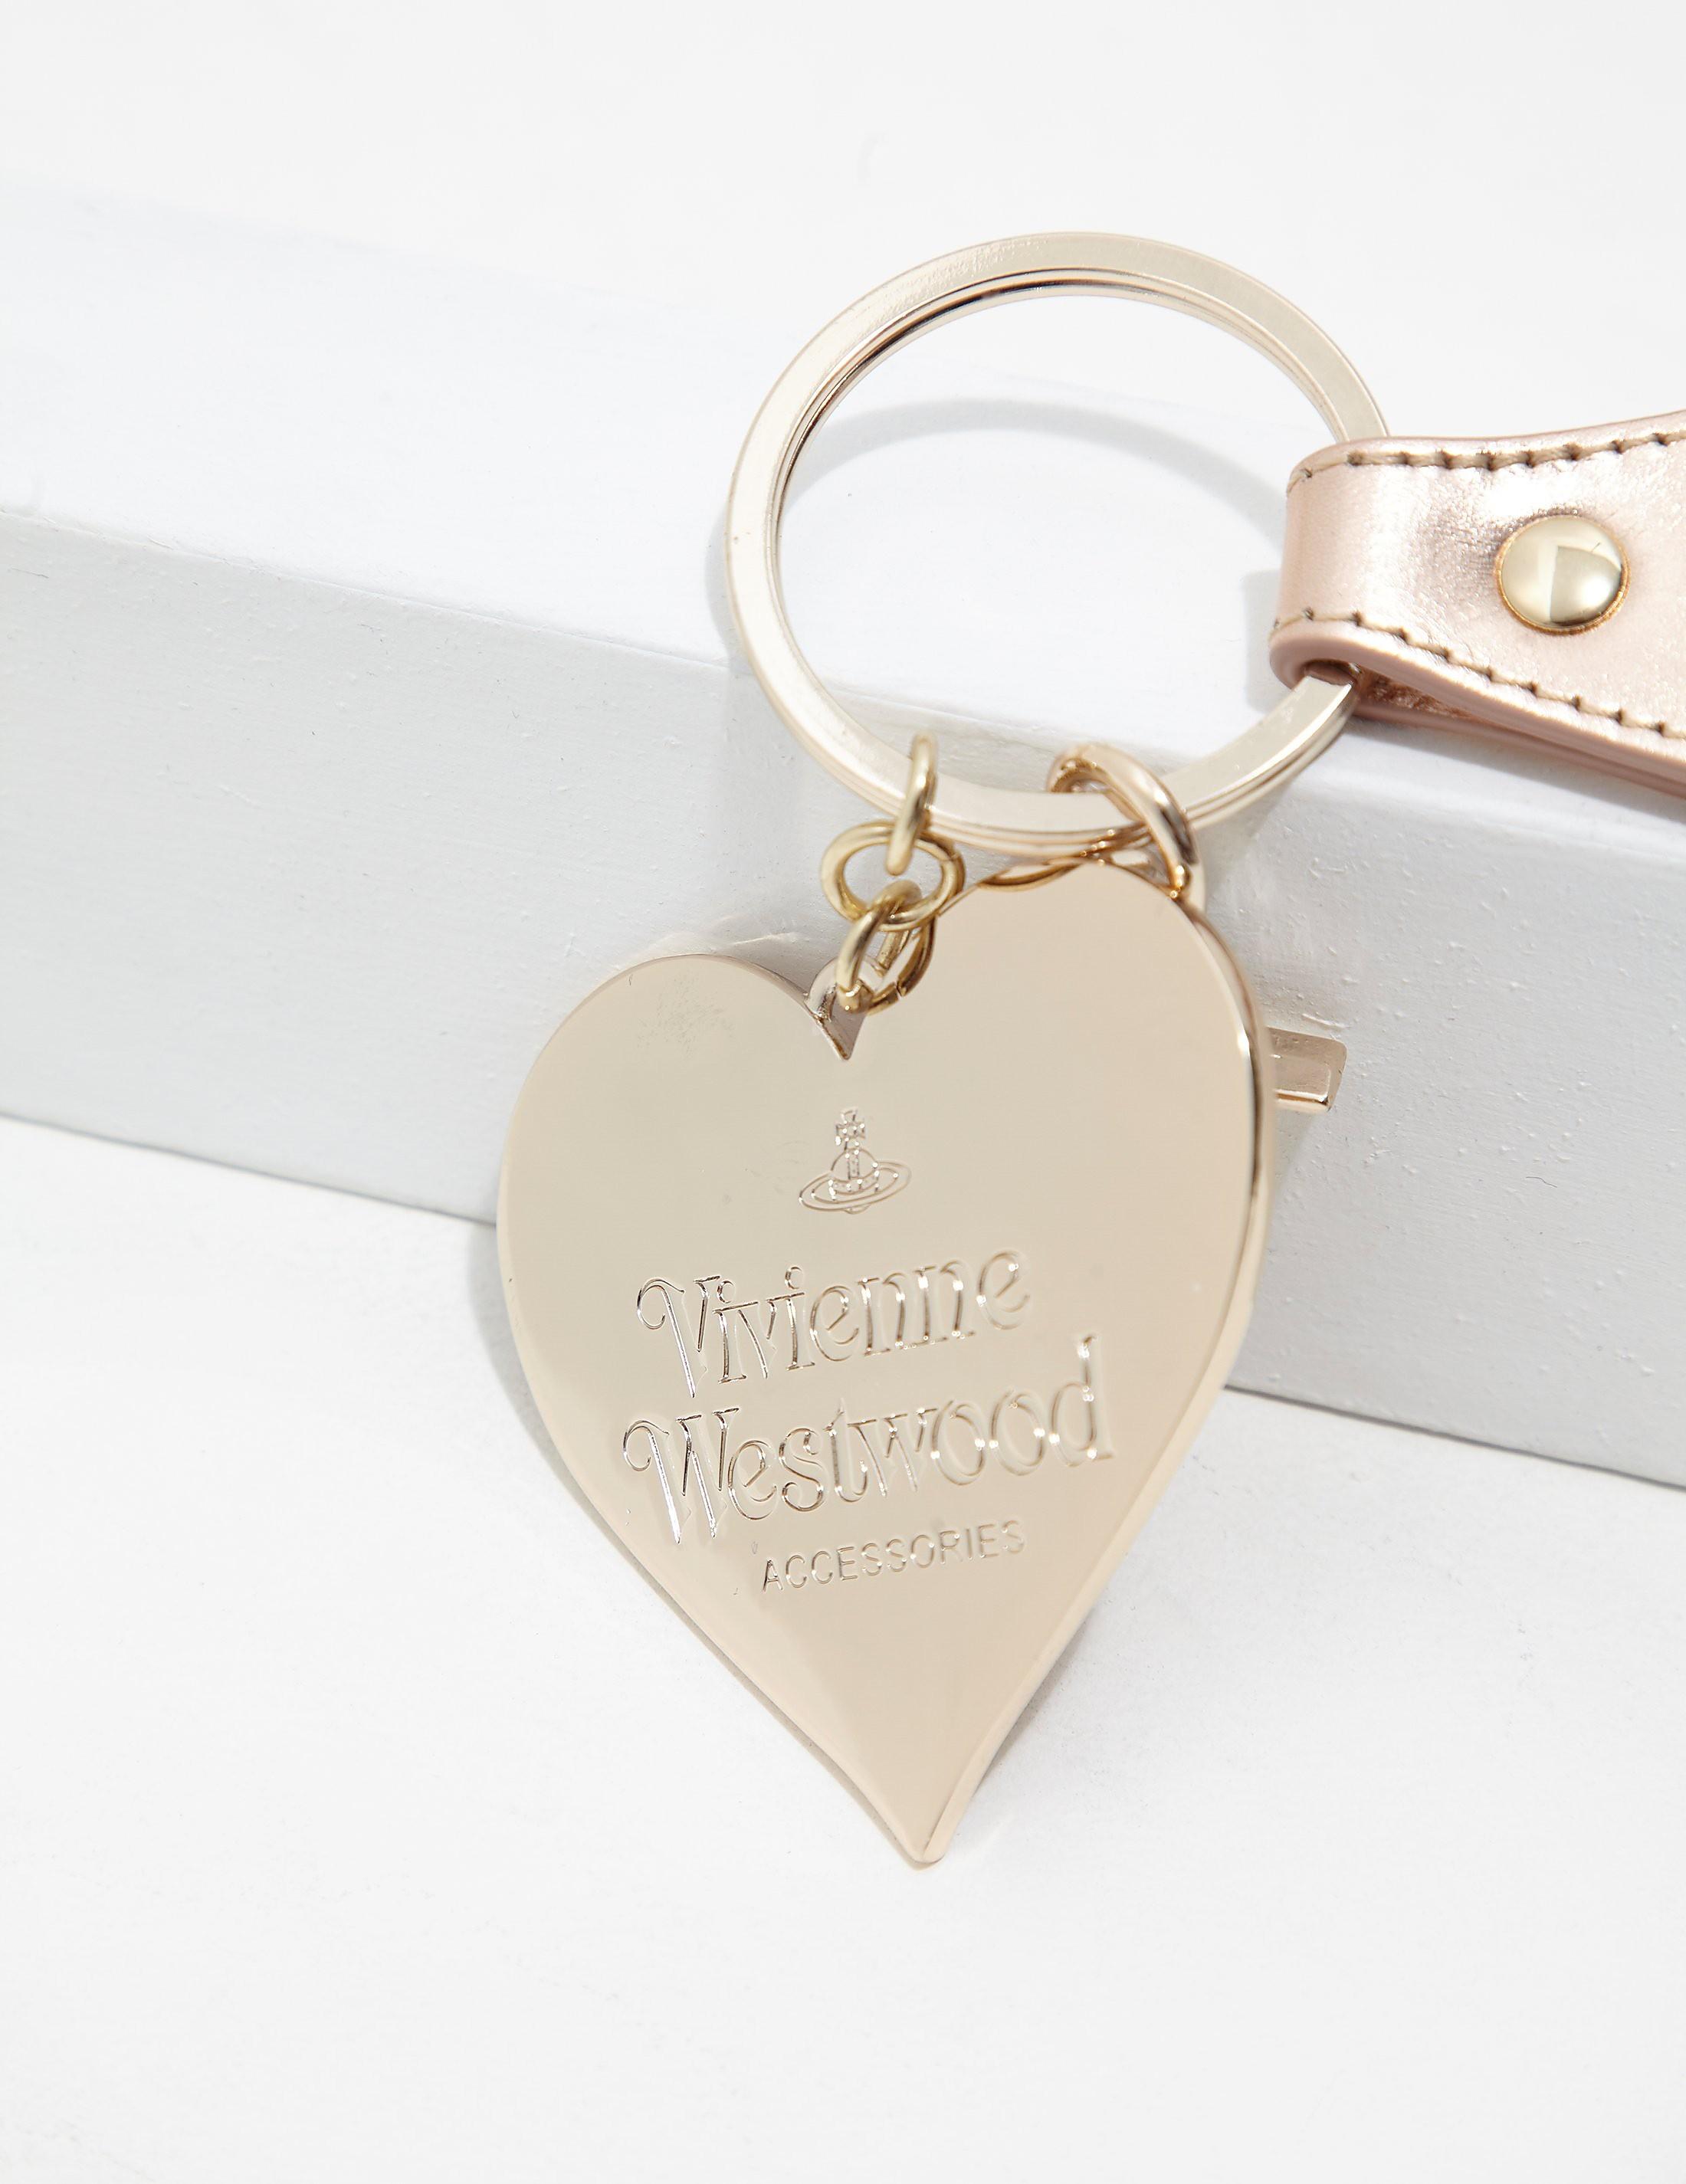 Vivienne Westwood Heart Keychain